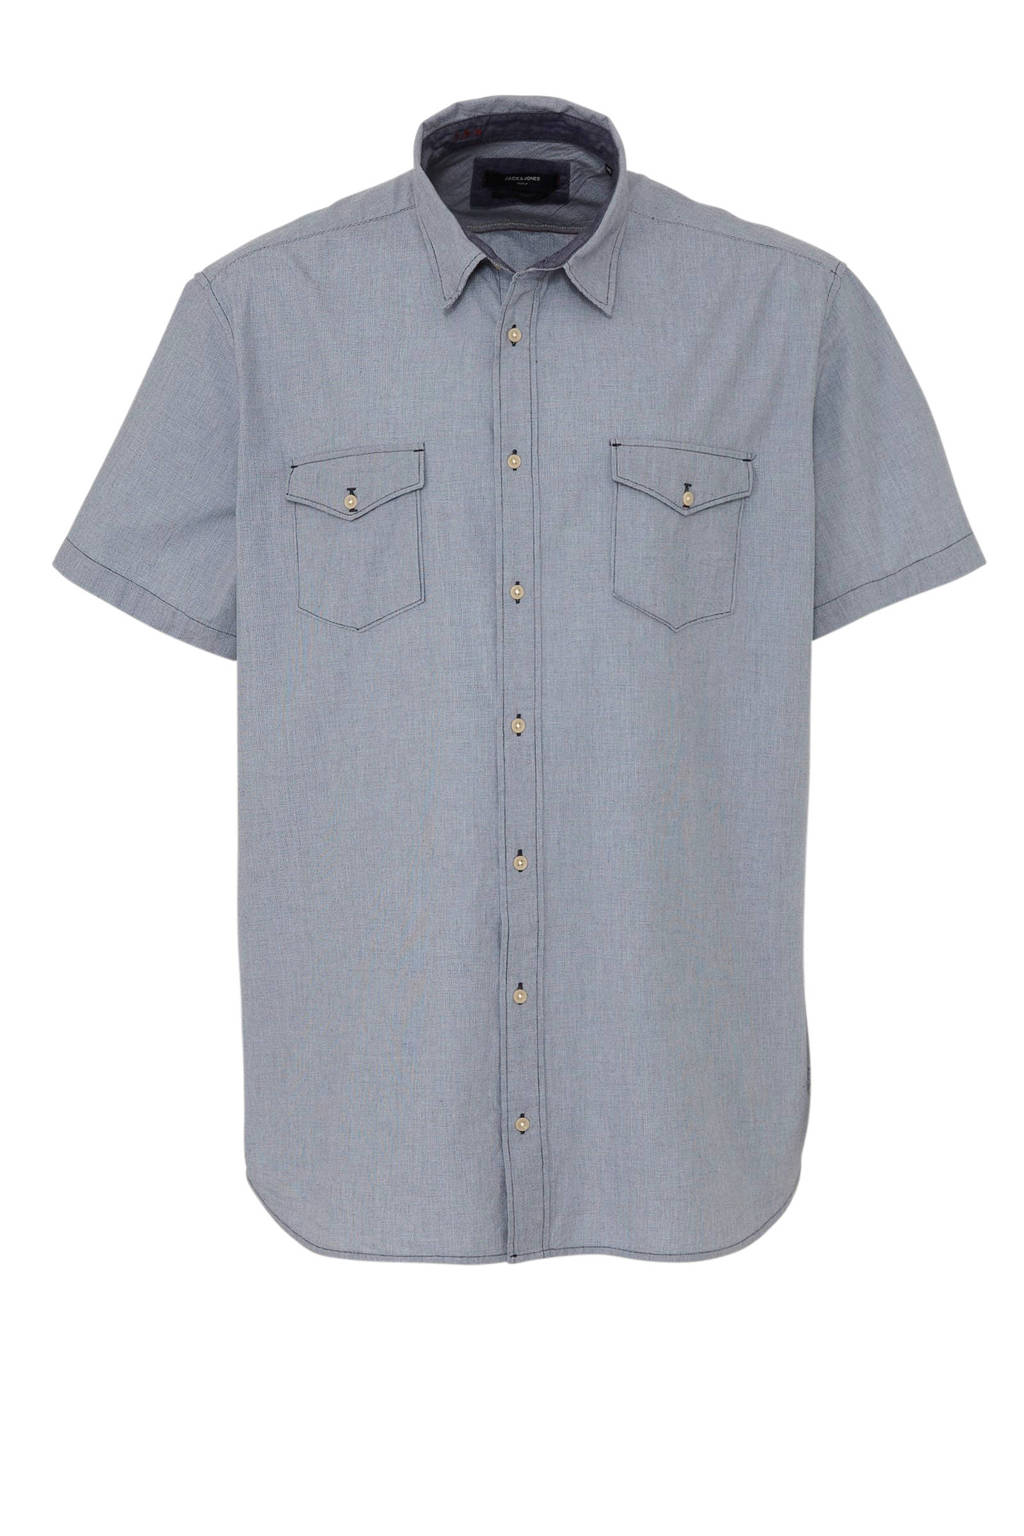 Jack & Jones Plus Size regular fit overhemd met all over print, Blauw